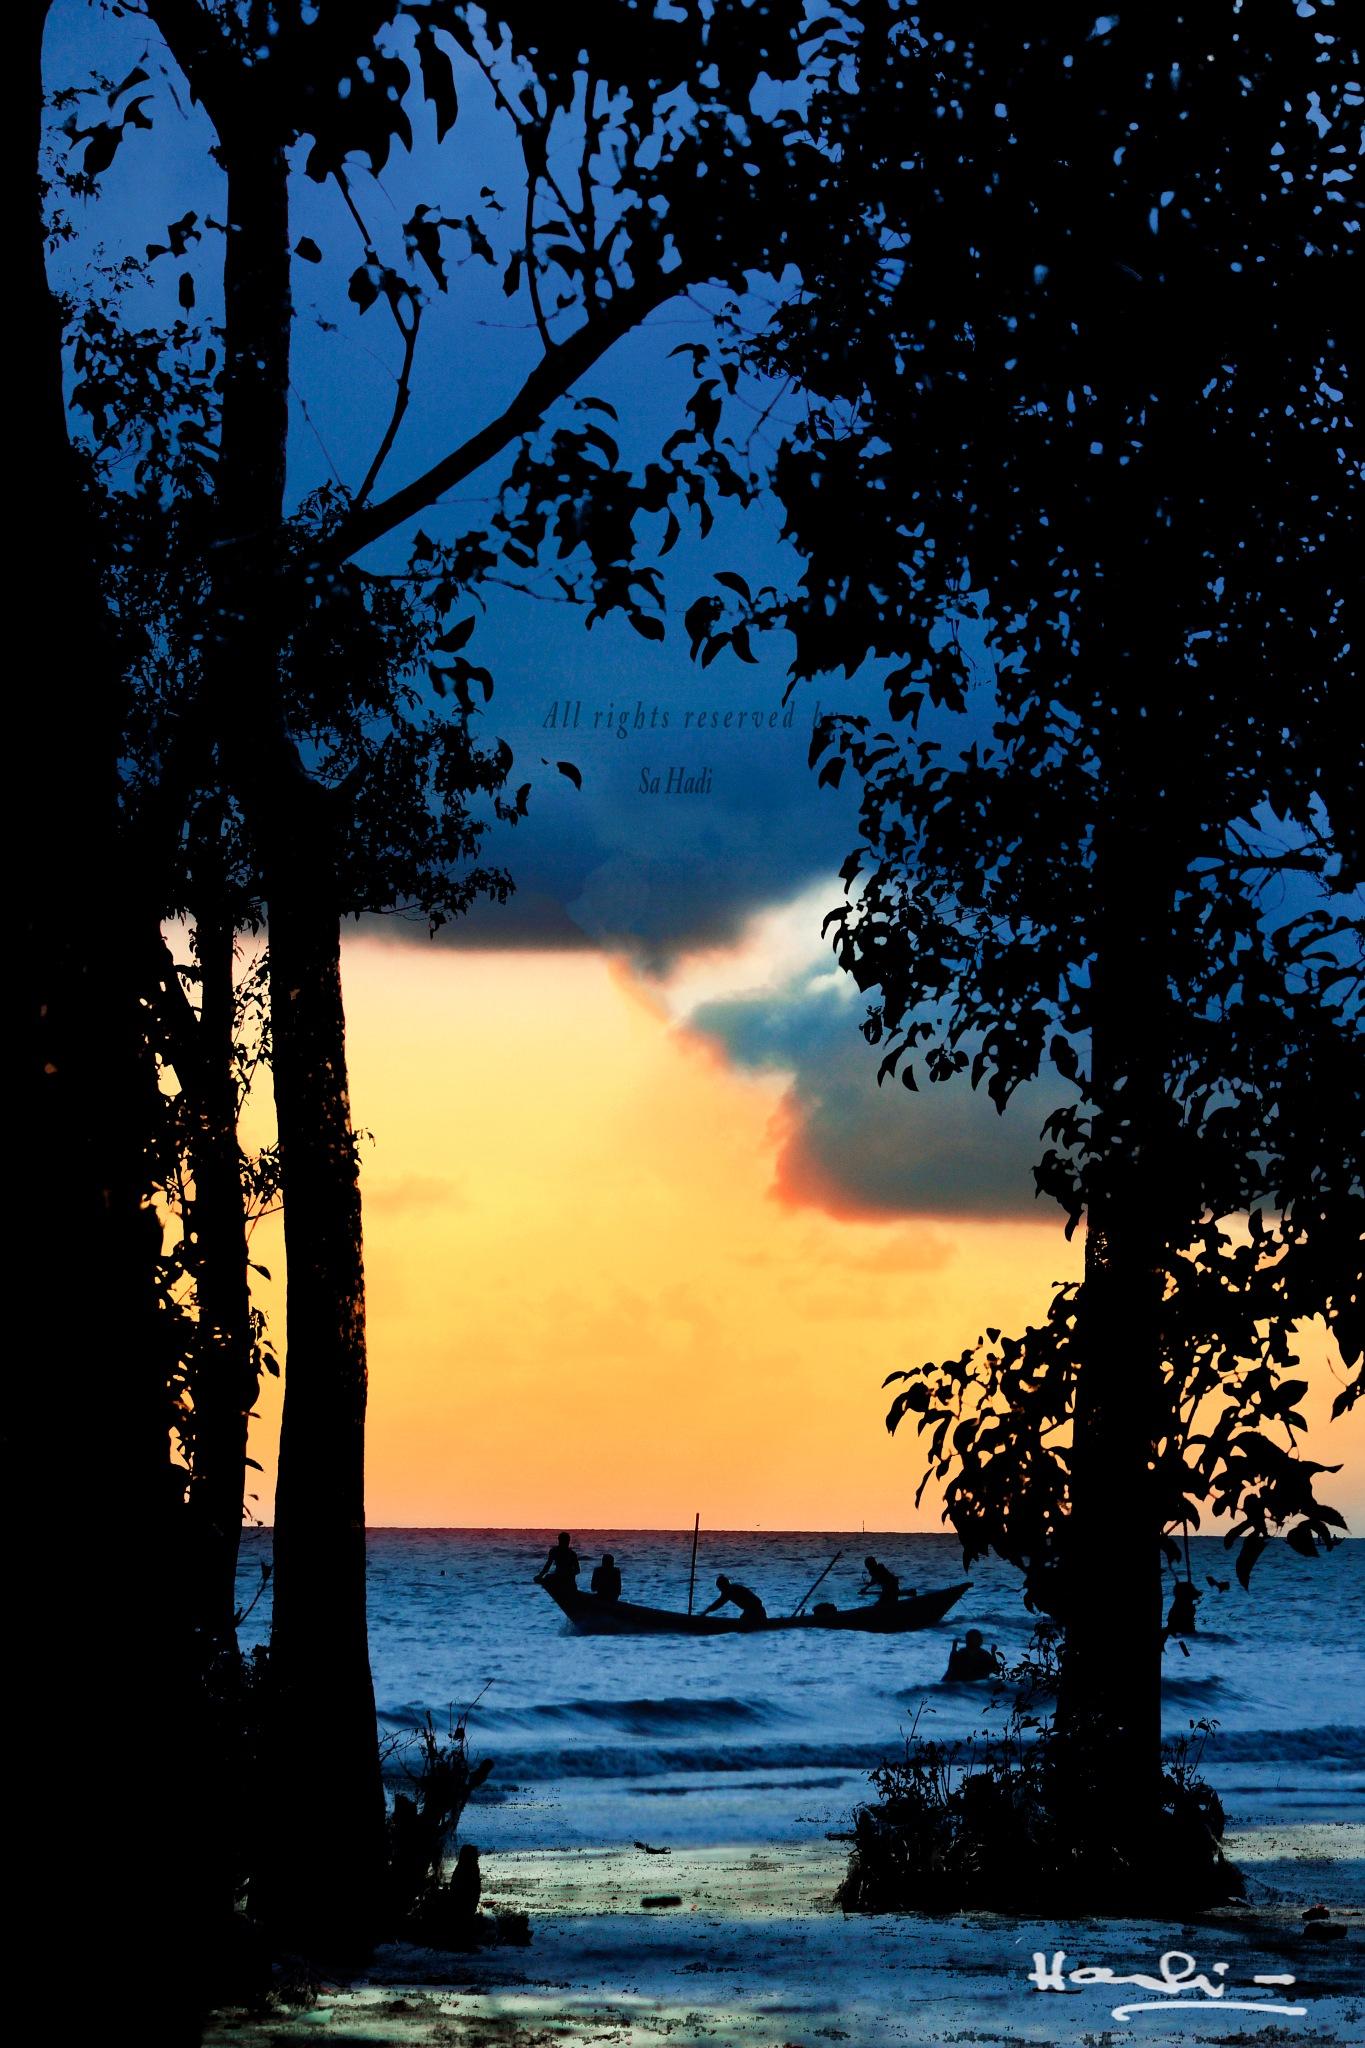 Landscape Photography By Sa Hadi by Sa Hadi